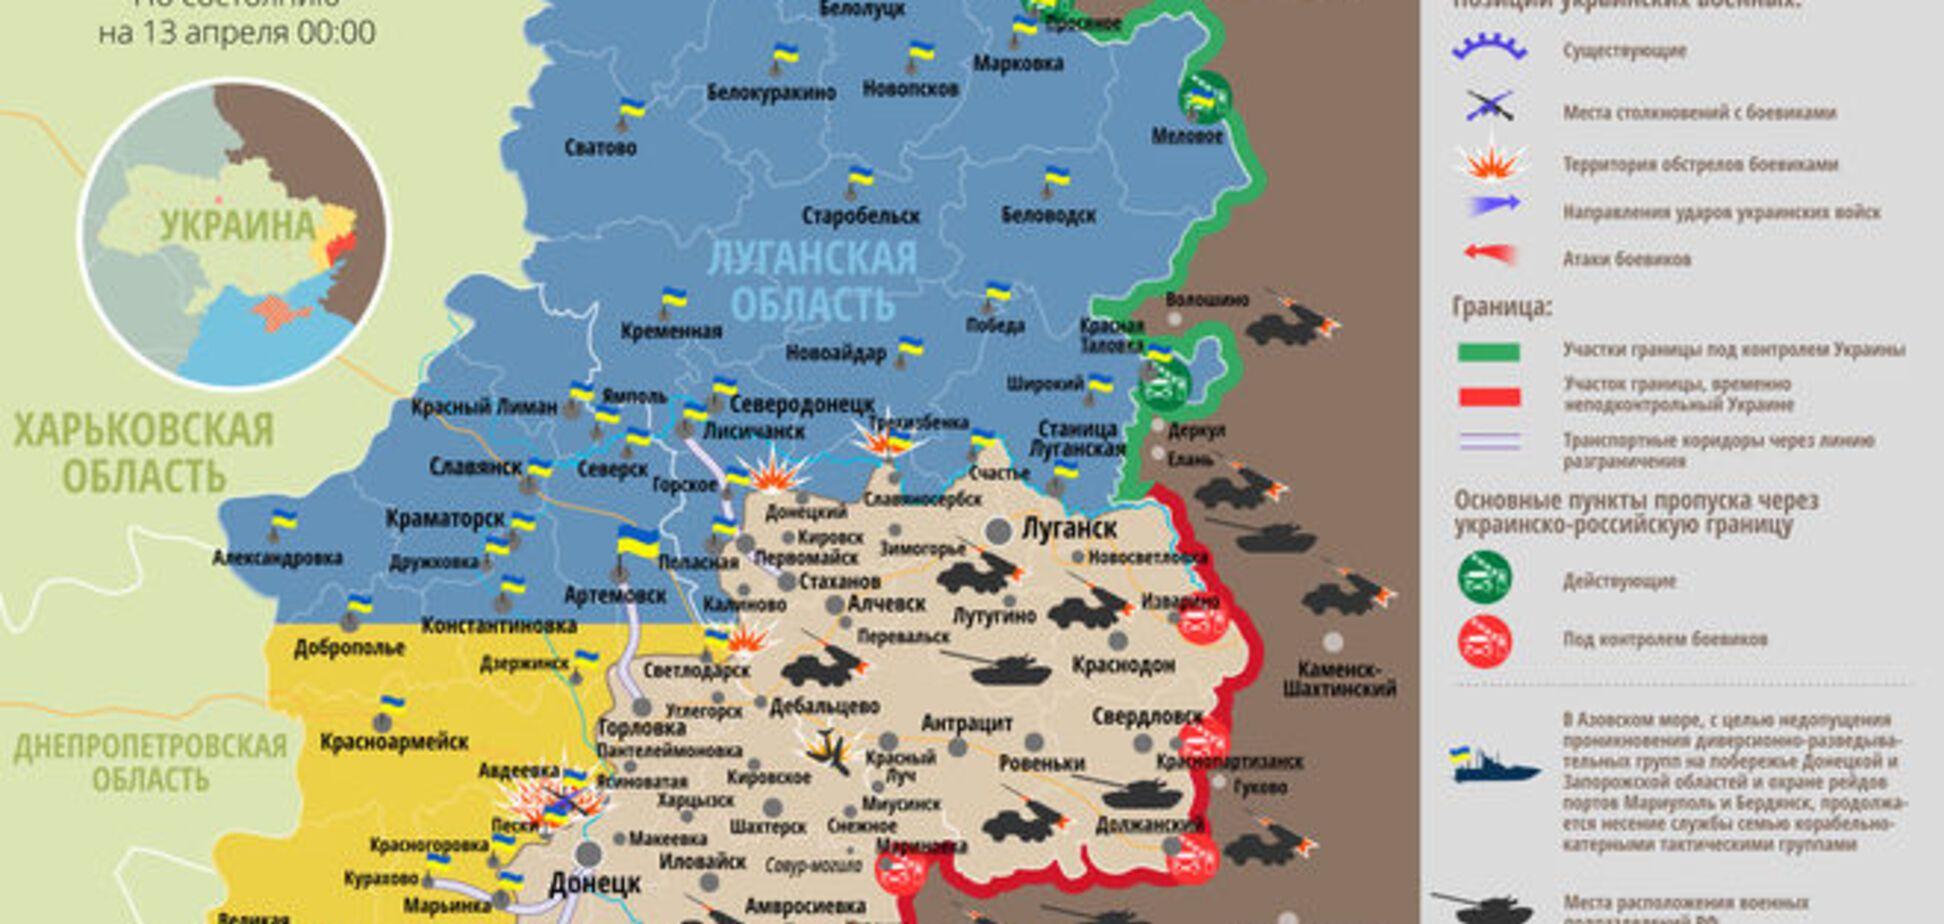 Боевики взялись за запрещенное оружие: актуальная карта АТО